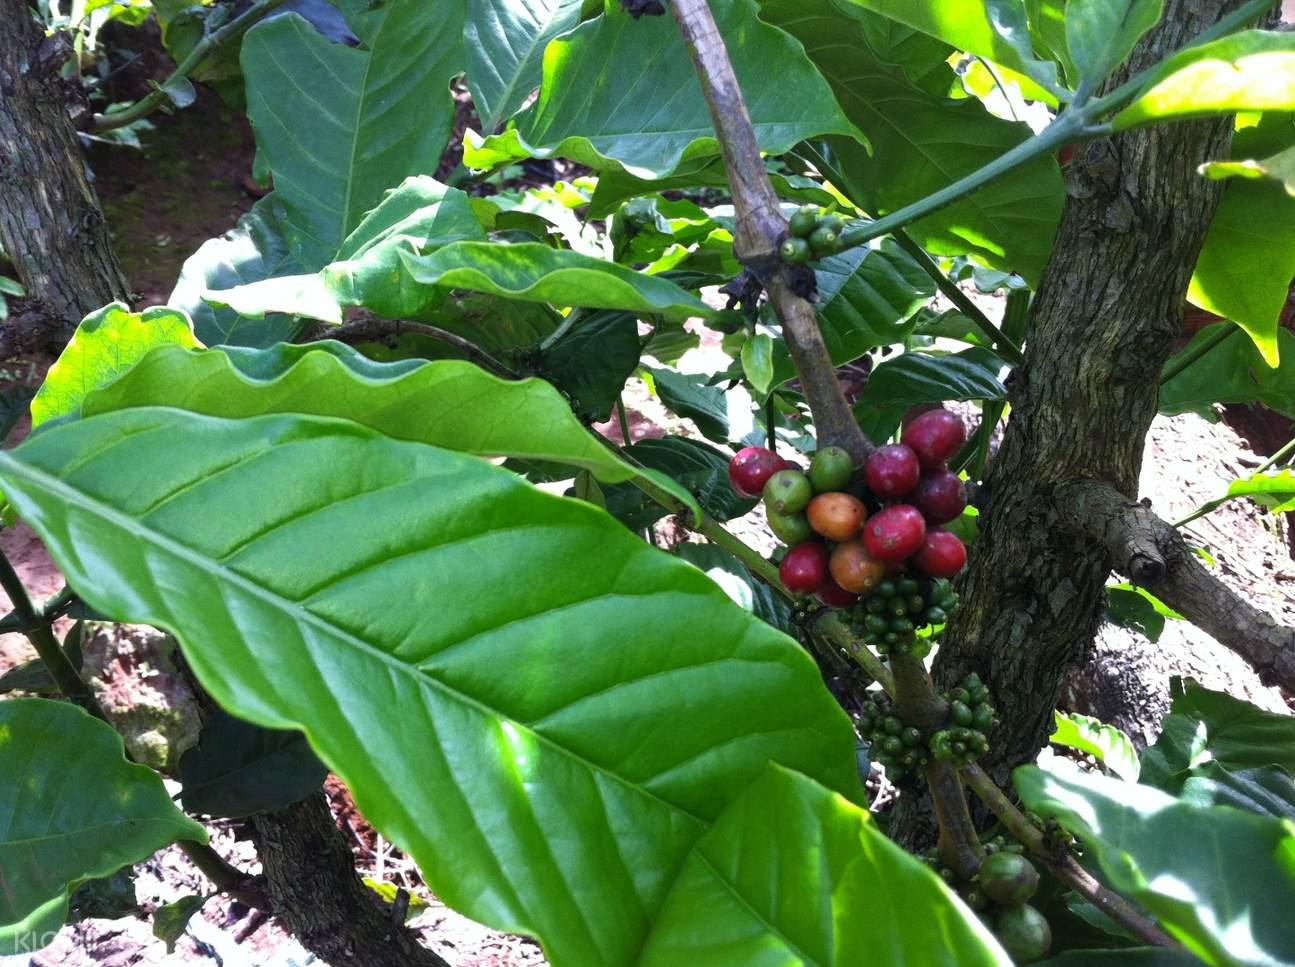 咖啡豆种植园